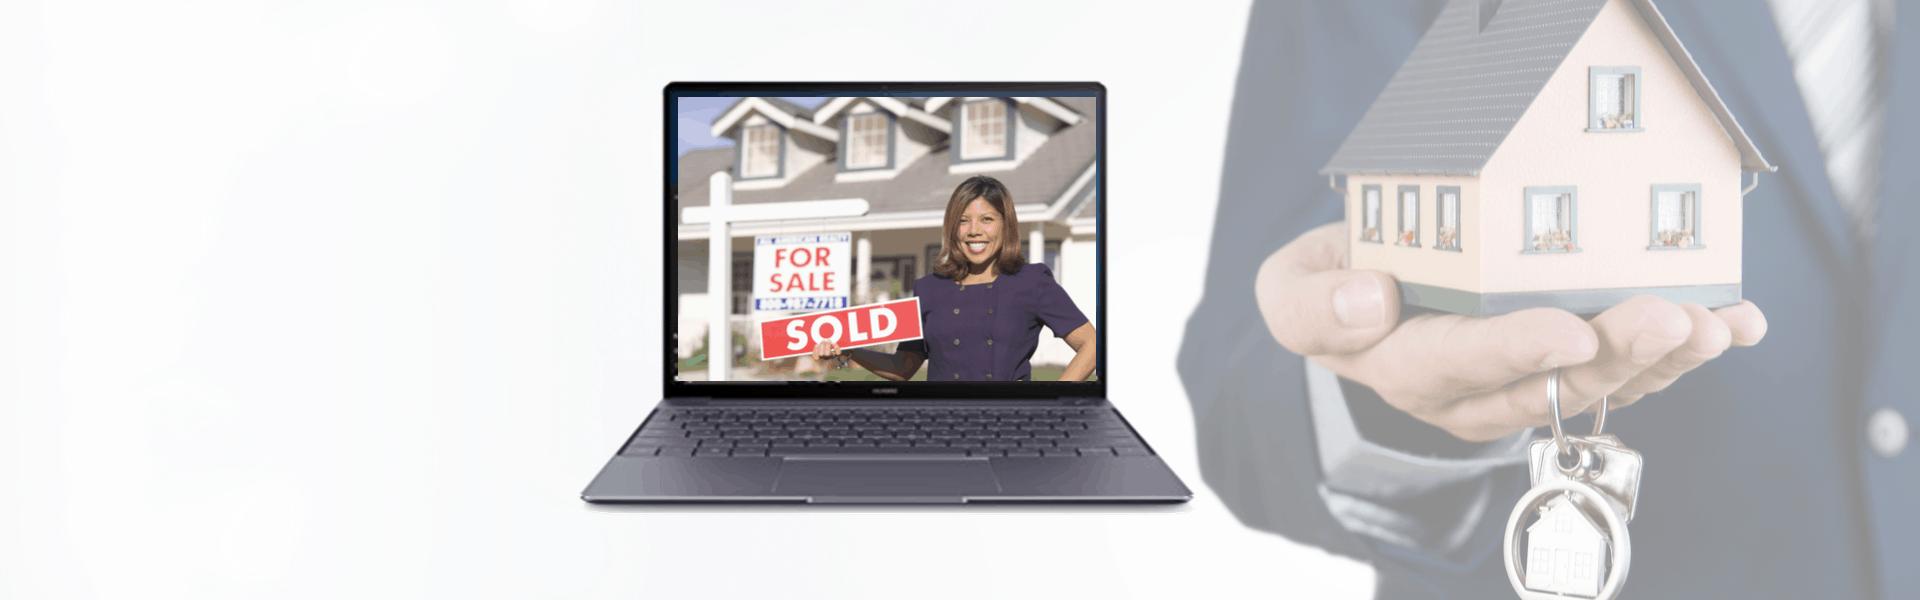 best laptops for realtors - real estate agents